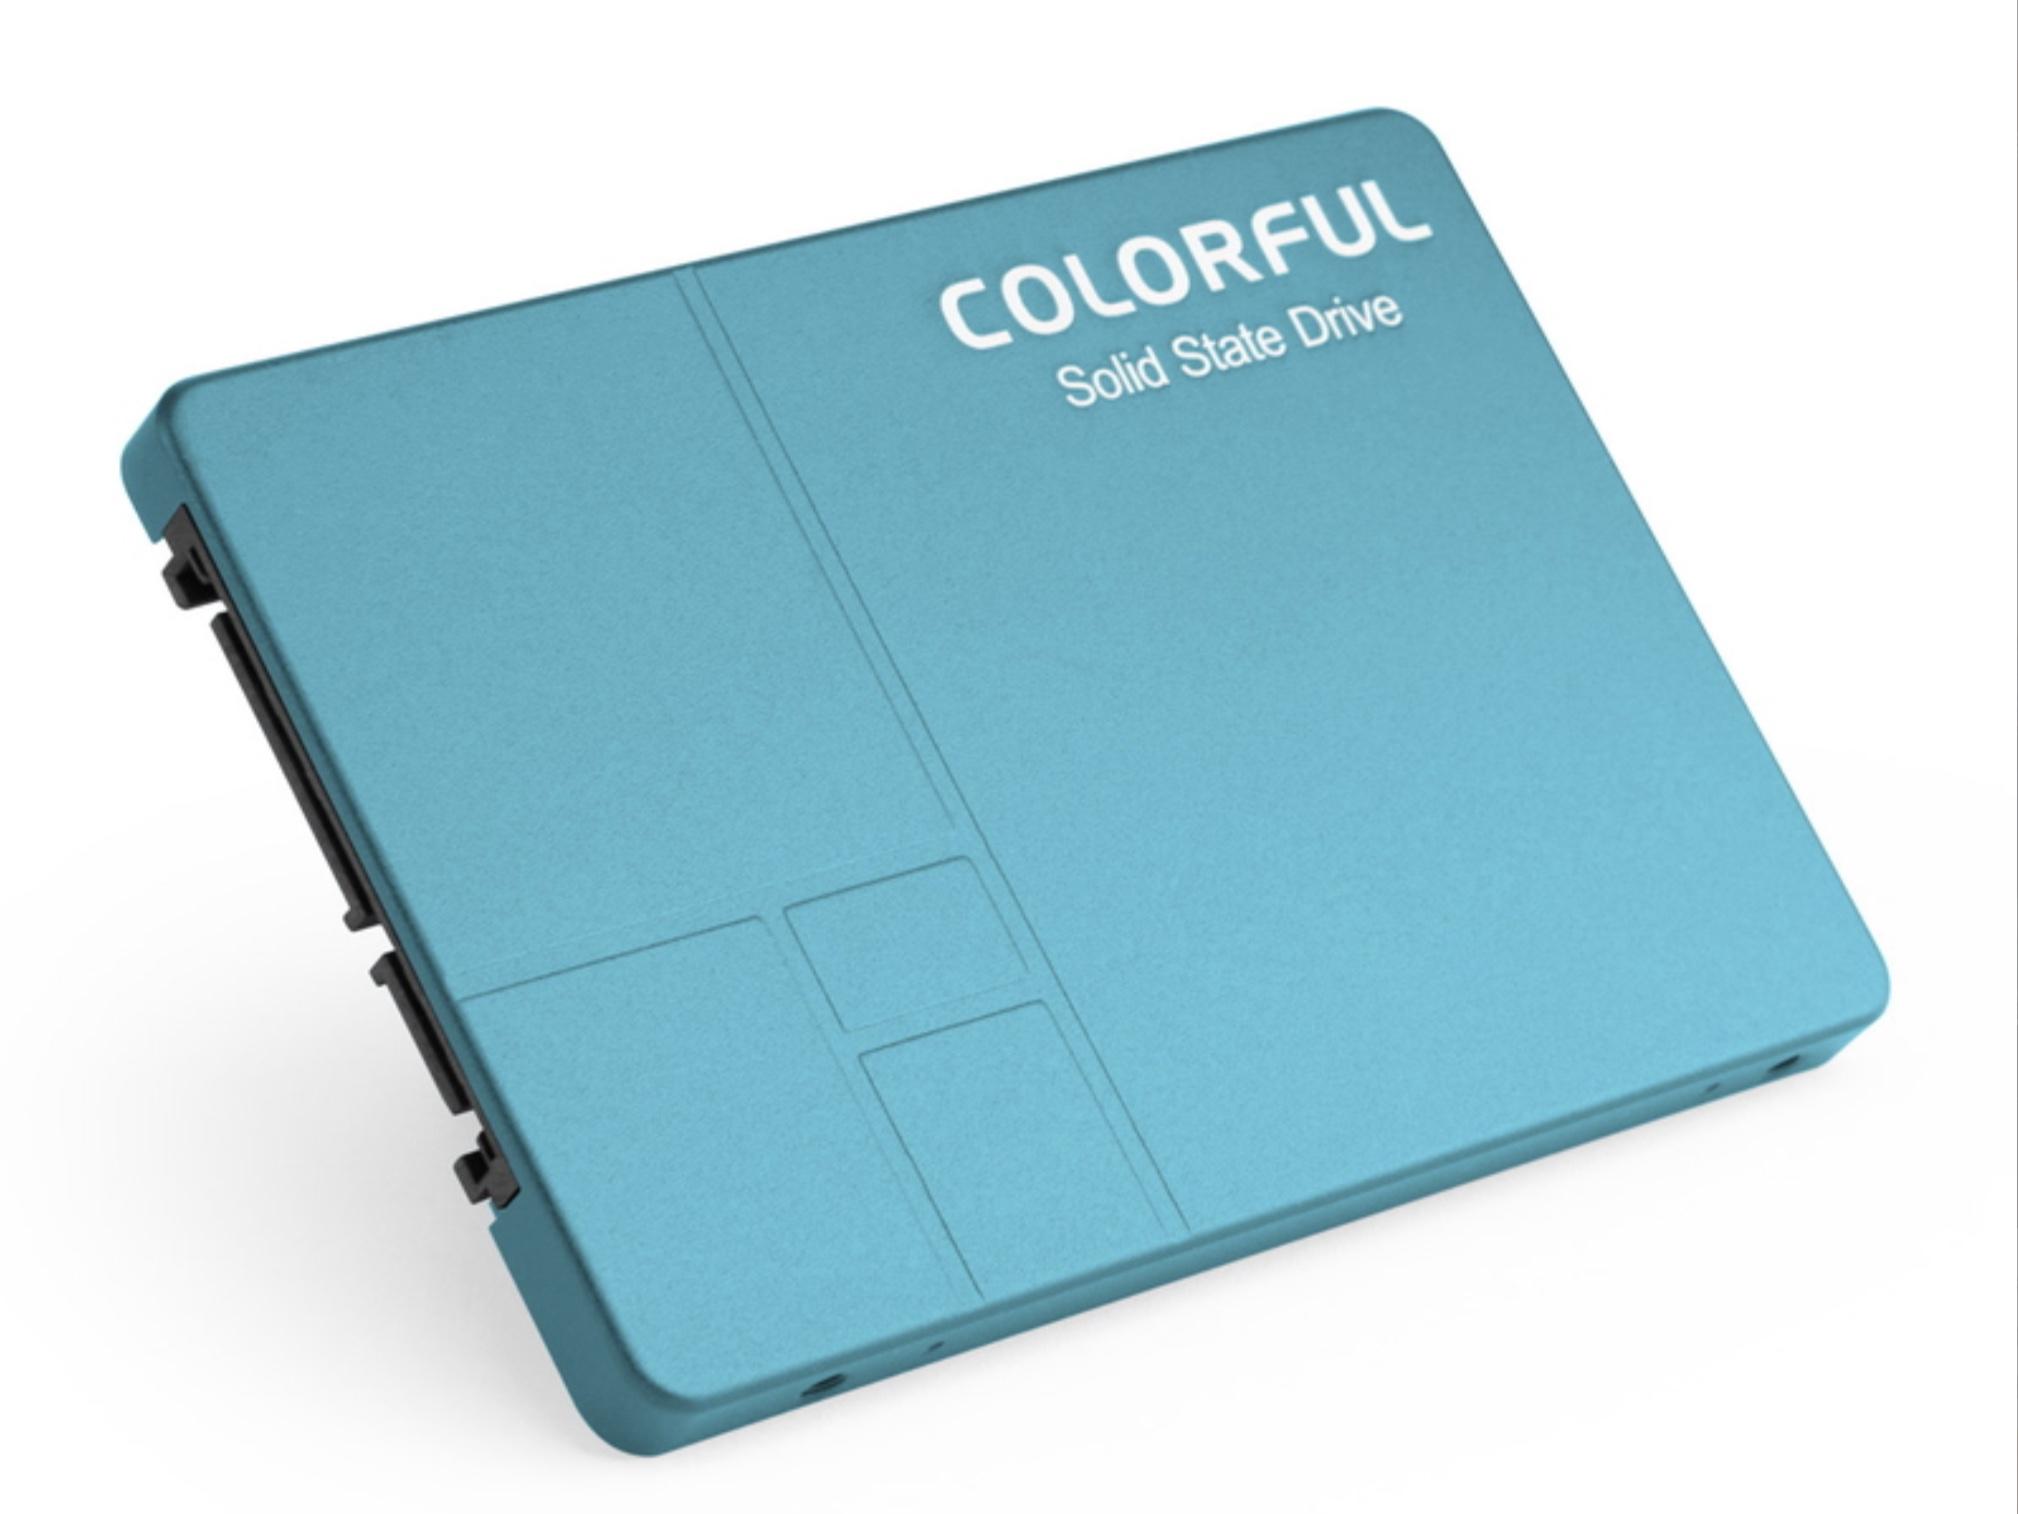 Colorful Technologyから見た目が涼しい水色2.5インチSSD「SL500」発売